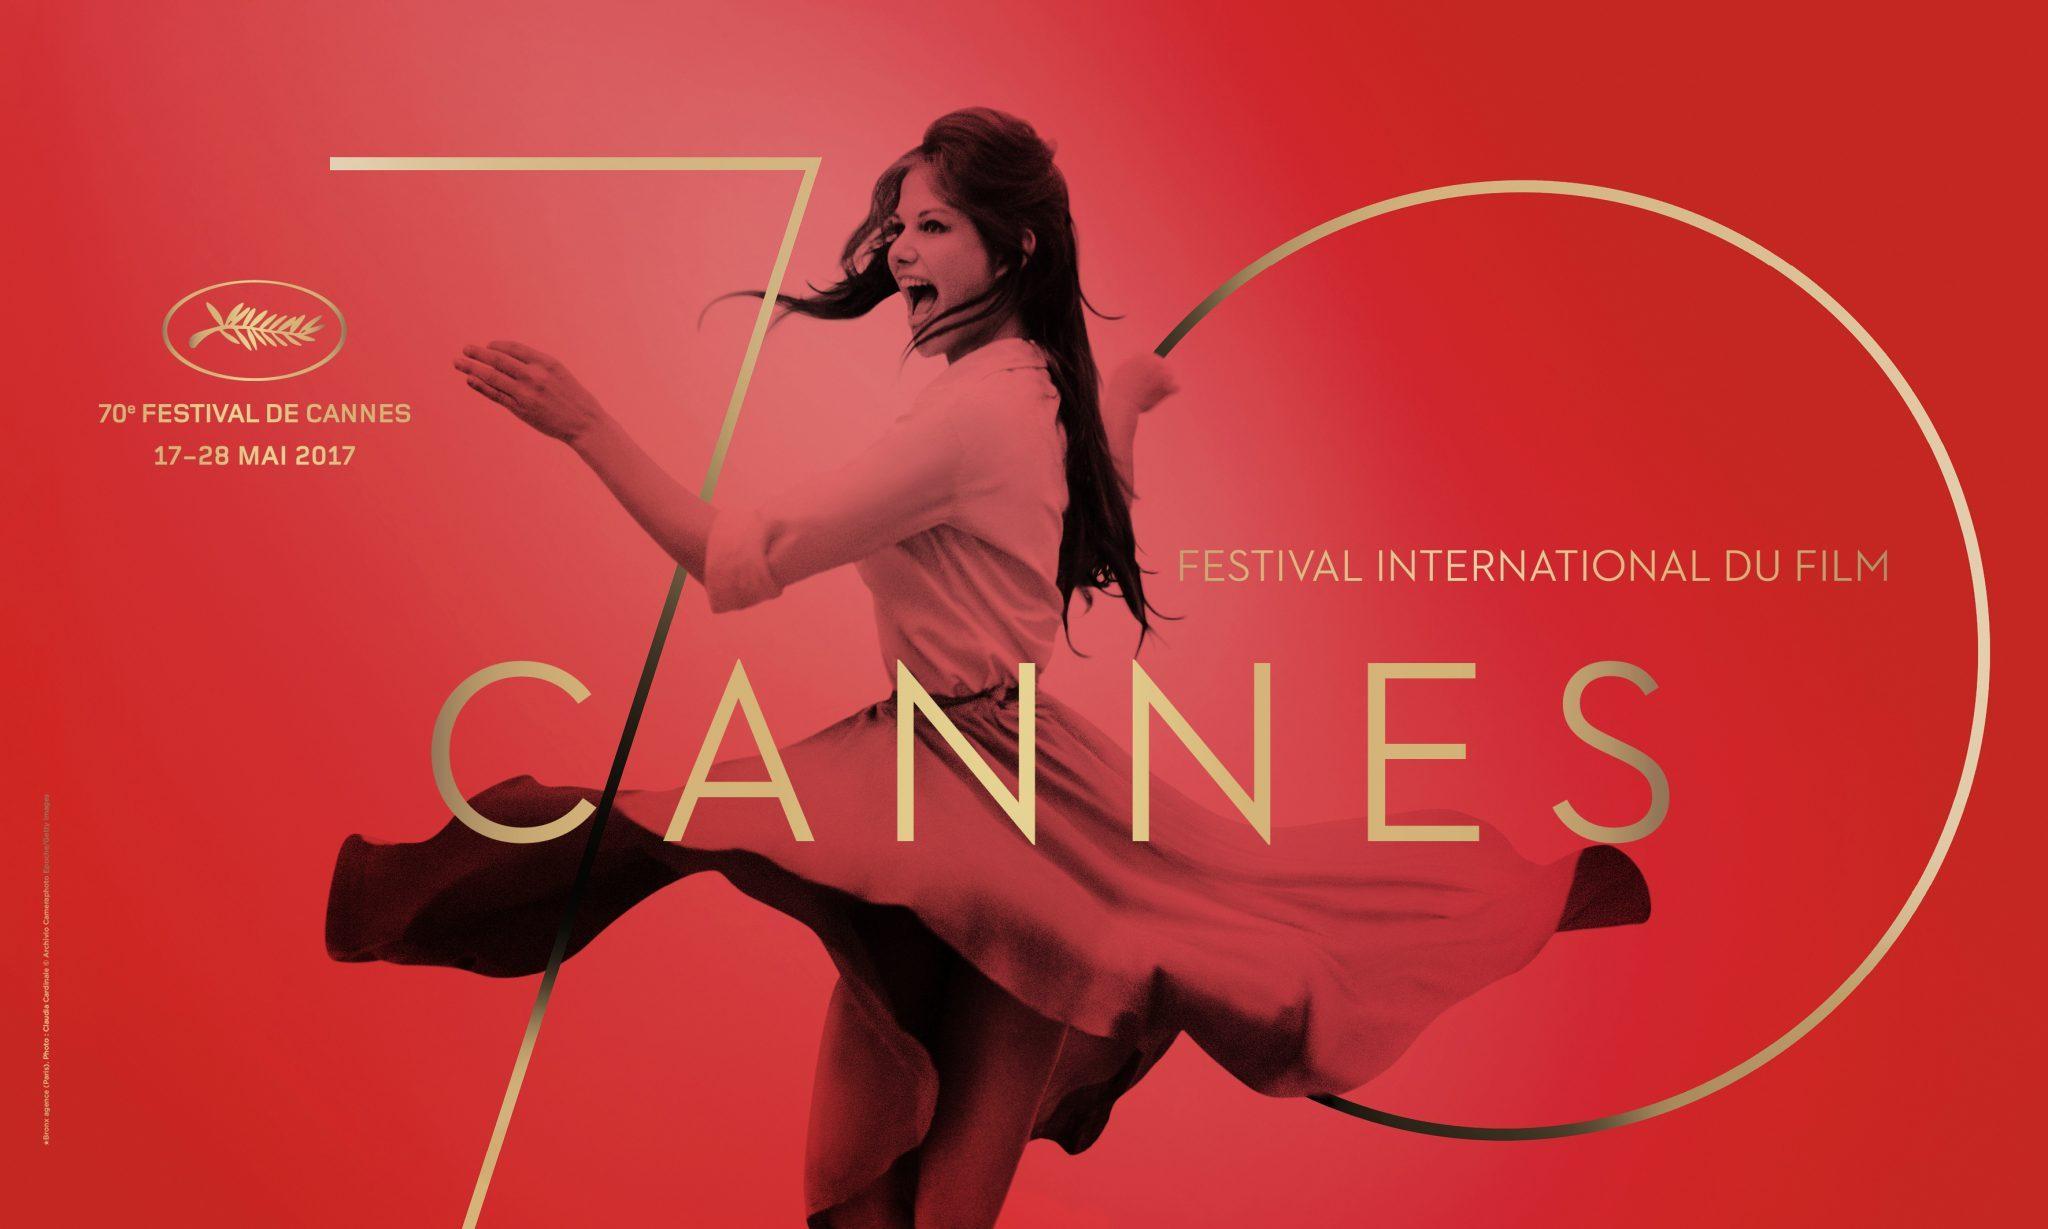 70ème Festival de Cannes 2017 : Tous les films de la Sélection Officielle 1 image